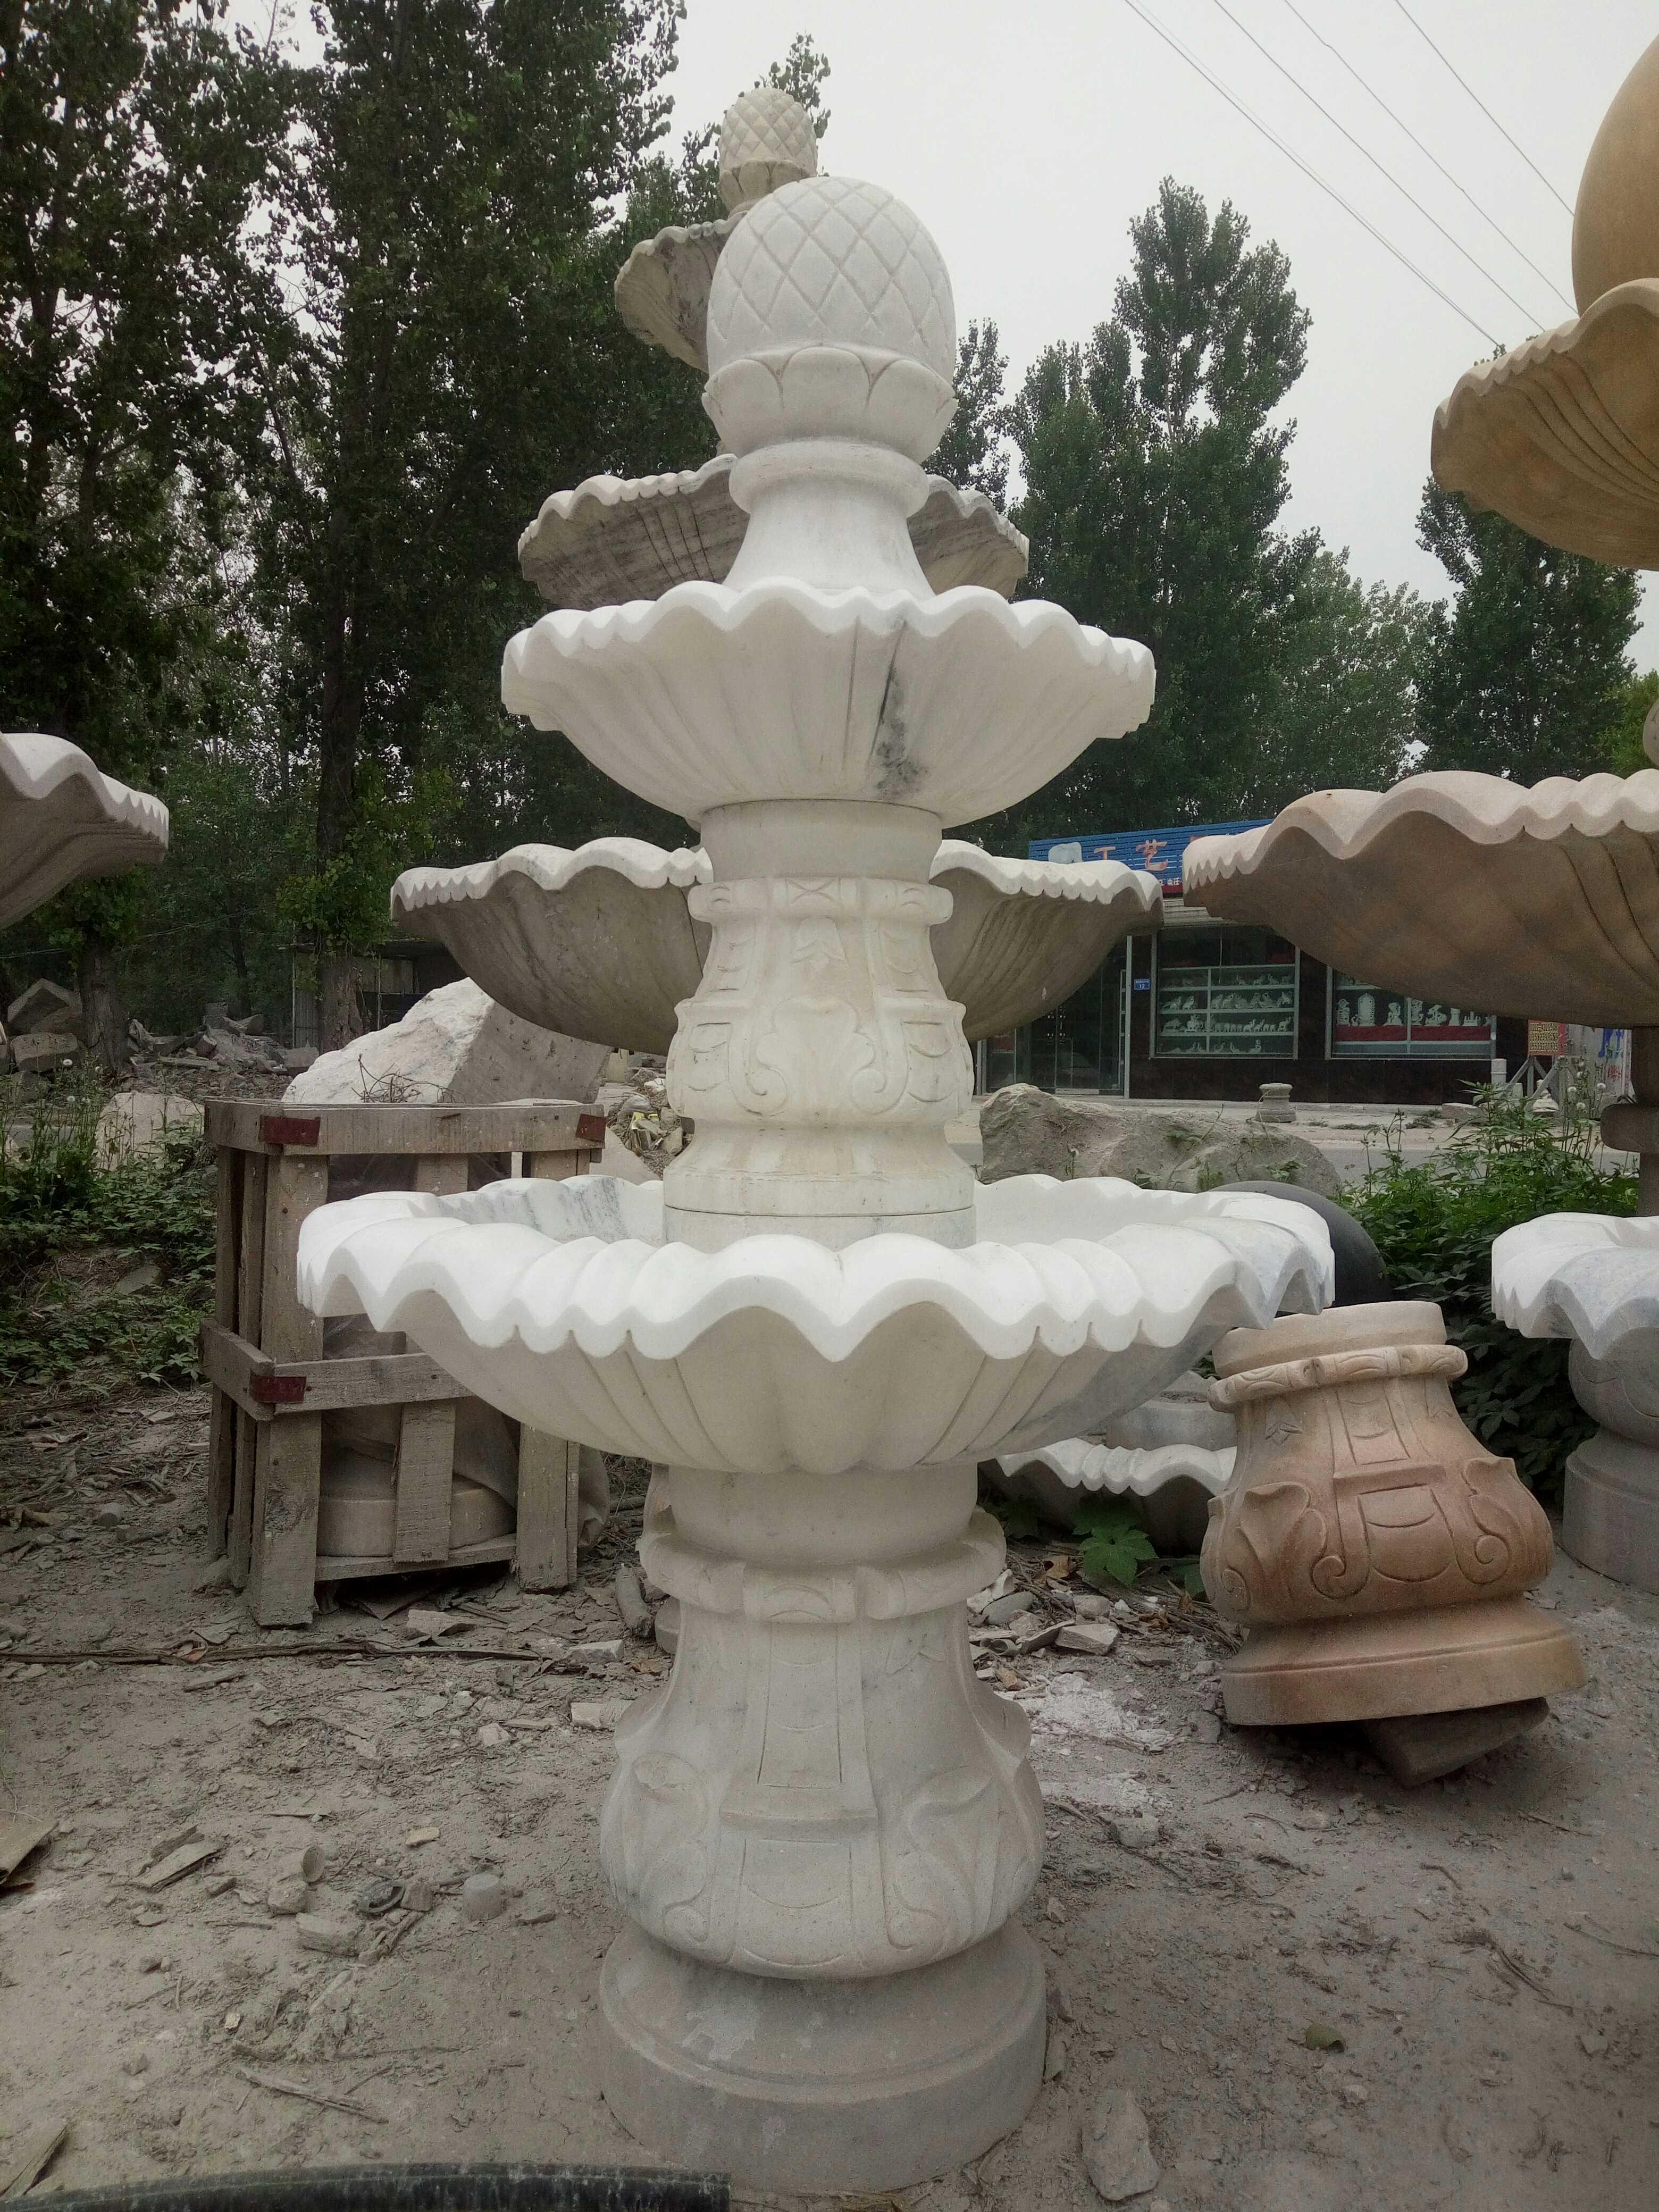 Песня солнце камень резьба белый мрамор спрей весна обработка стандарт продаётся напрямую с завода